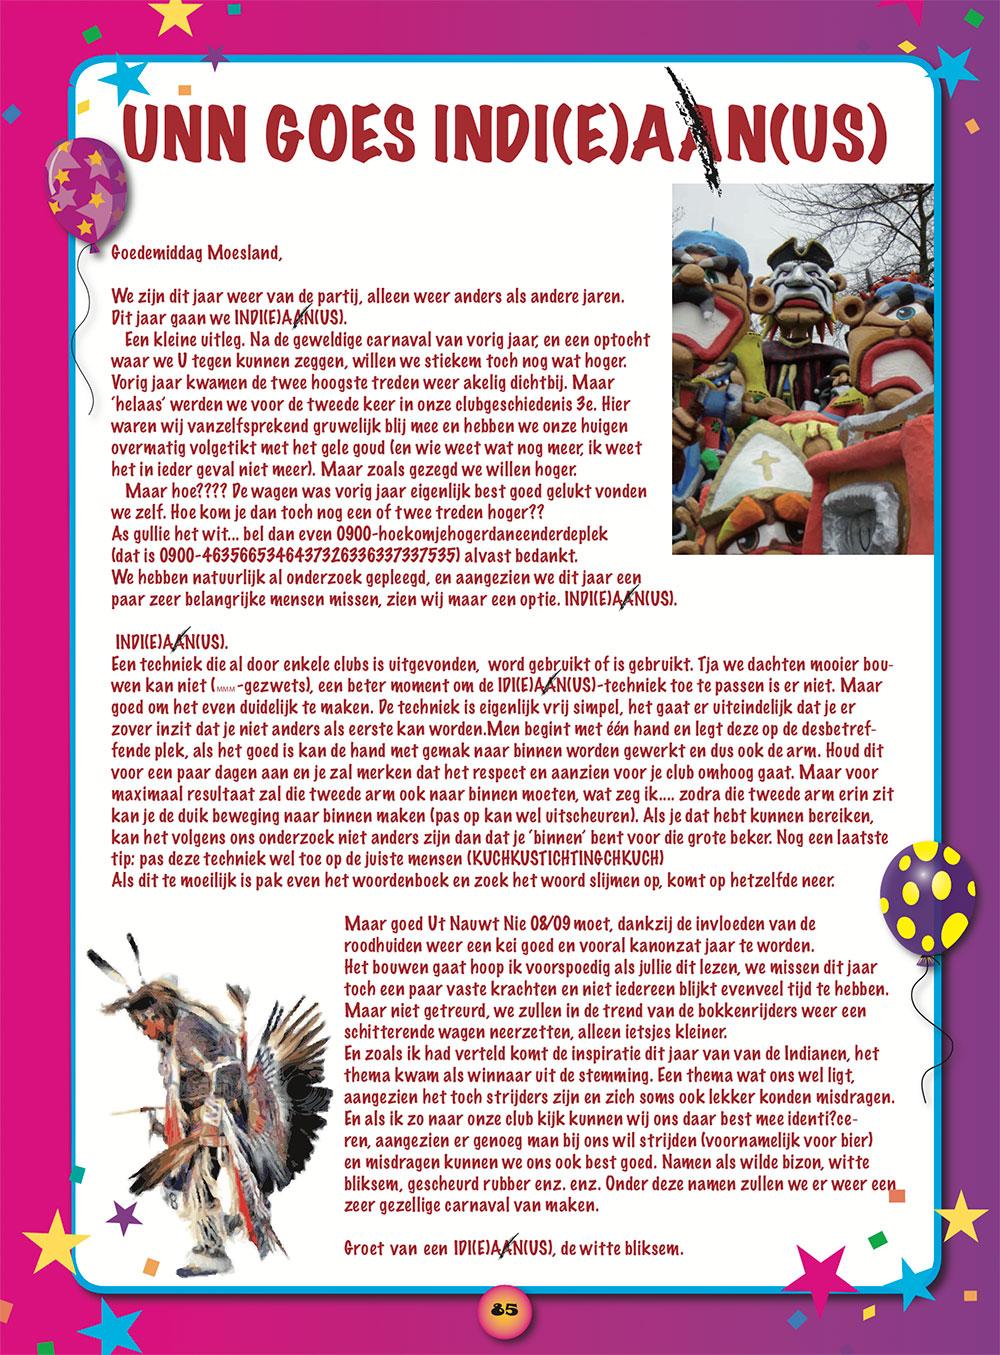 Stukje Ut Nauwt Nie in de carnavalskrant van 2009